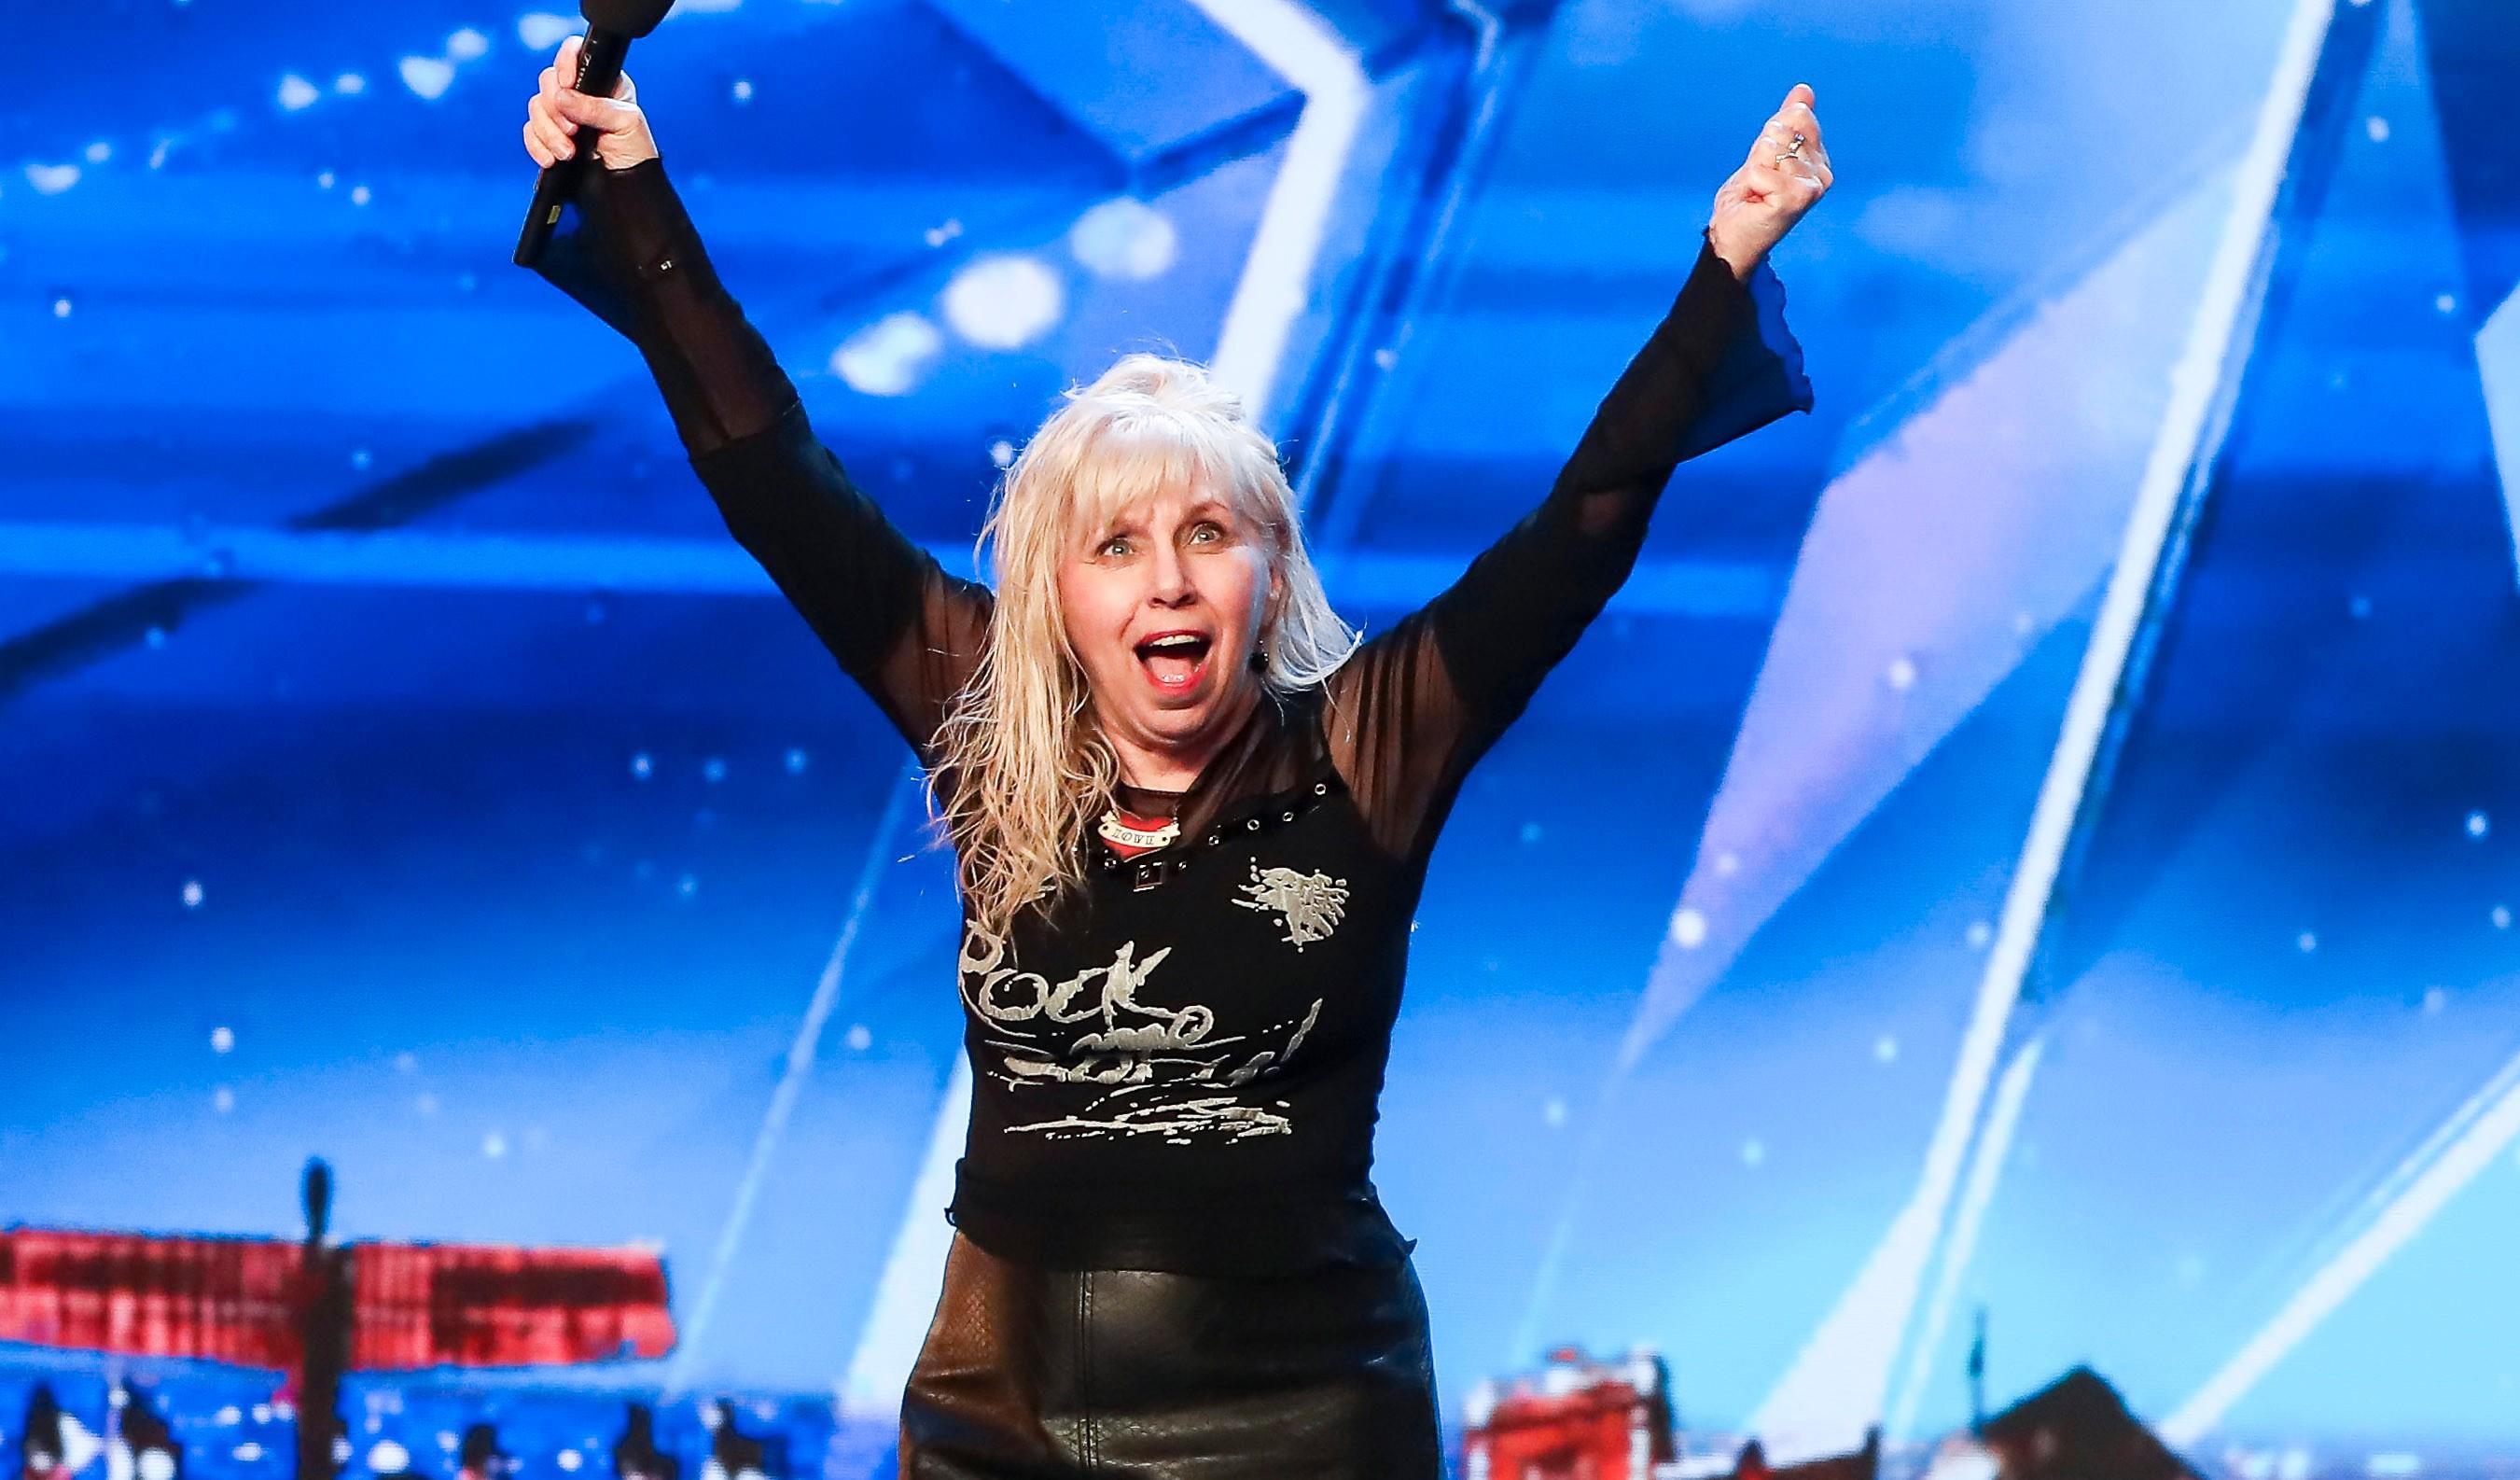 Britain's Got Talent - Jenny Darren